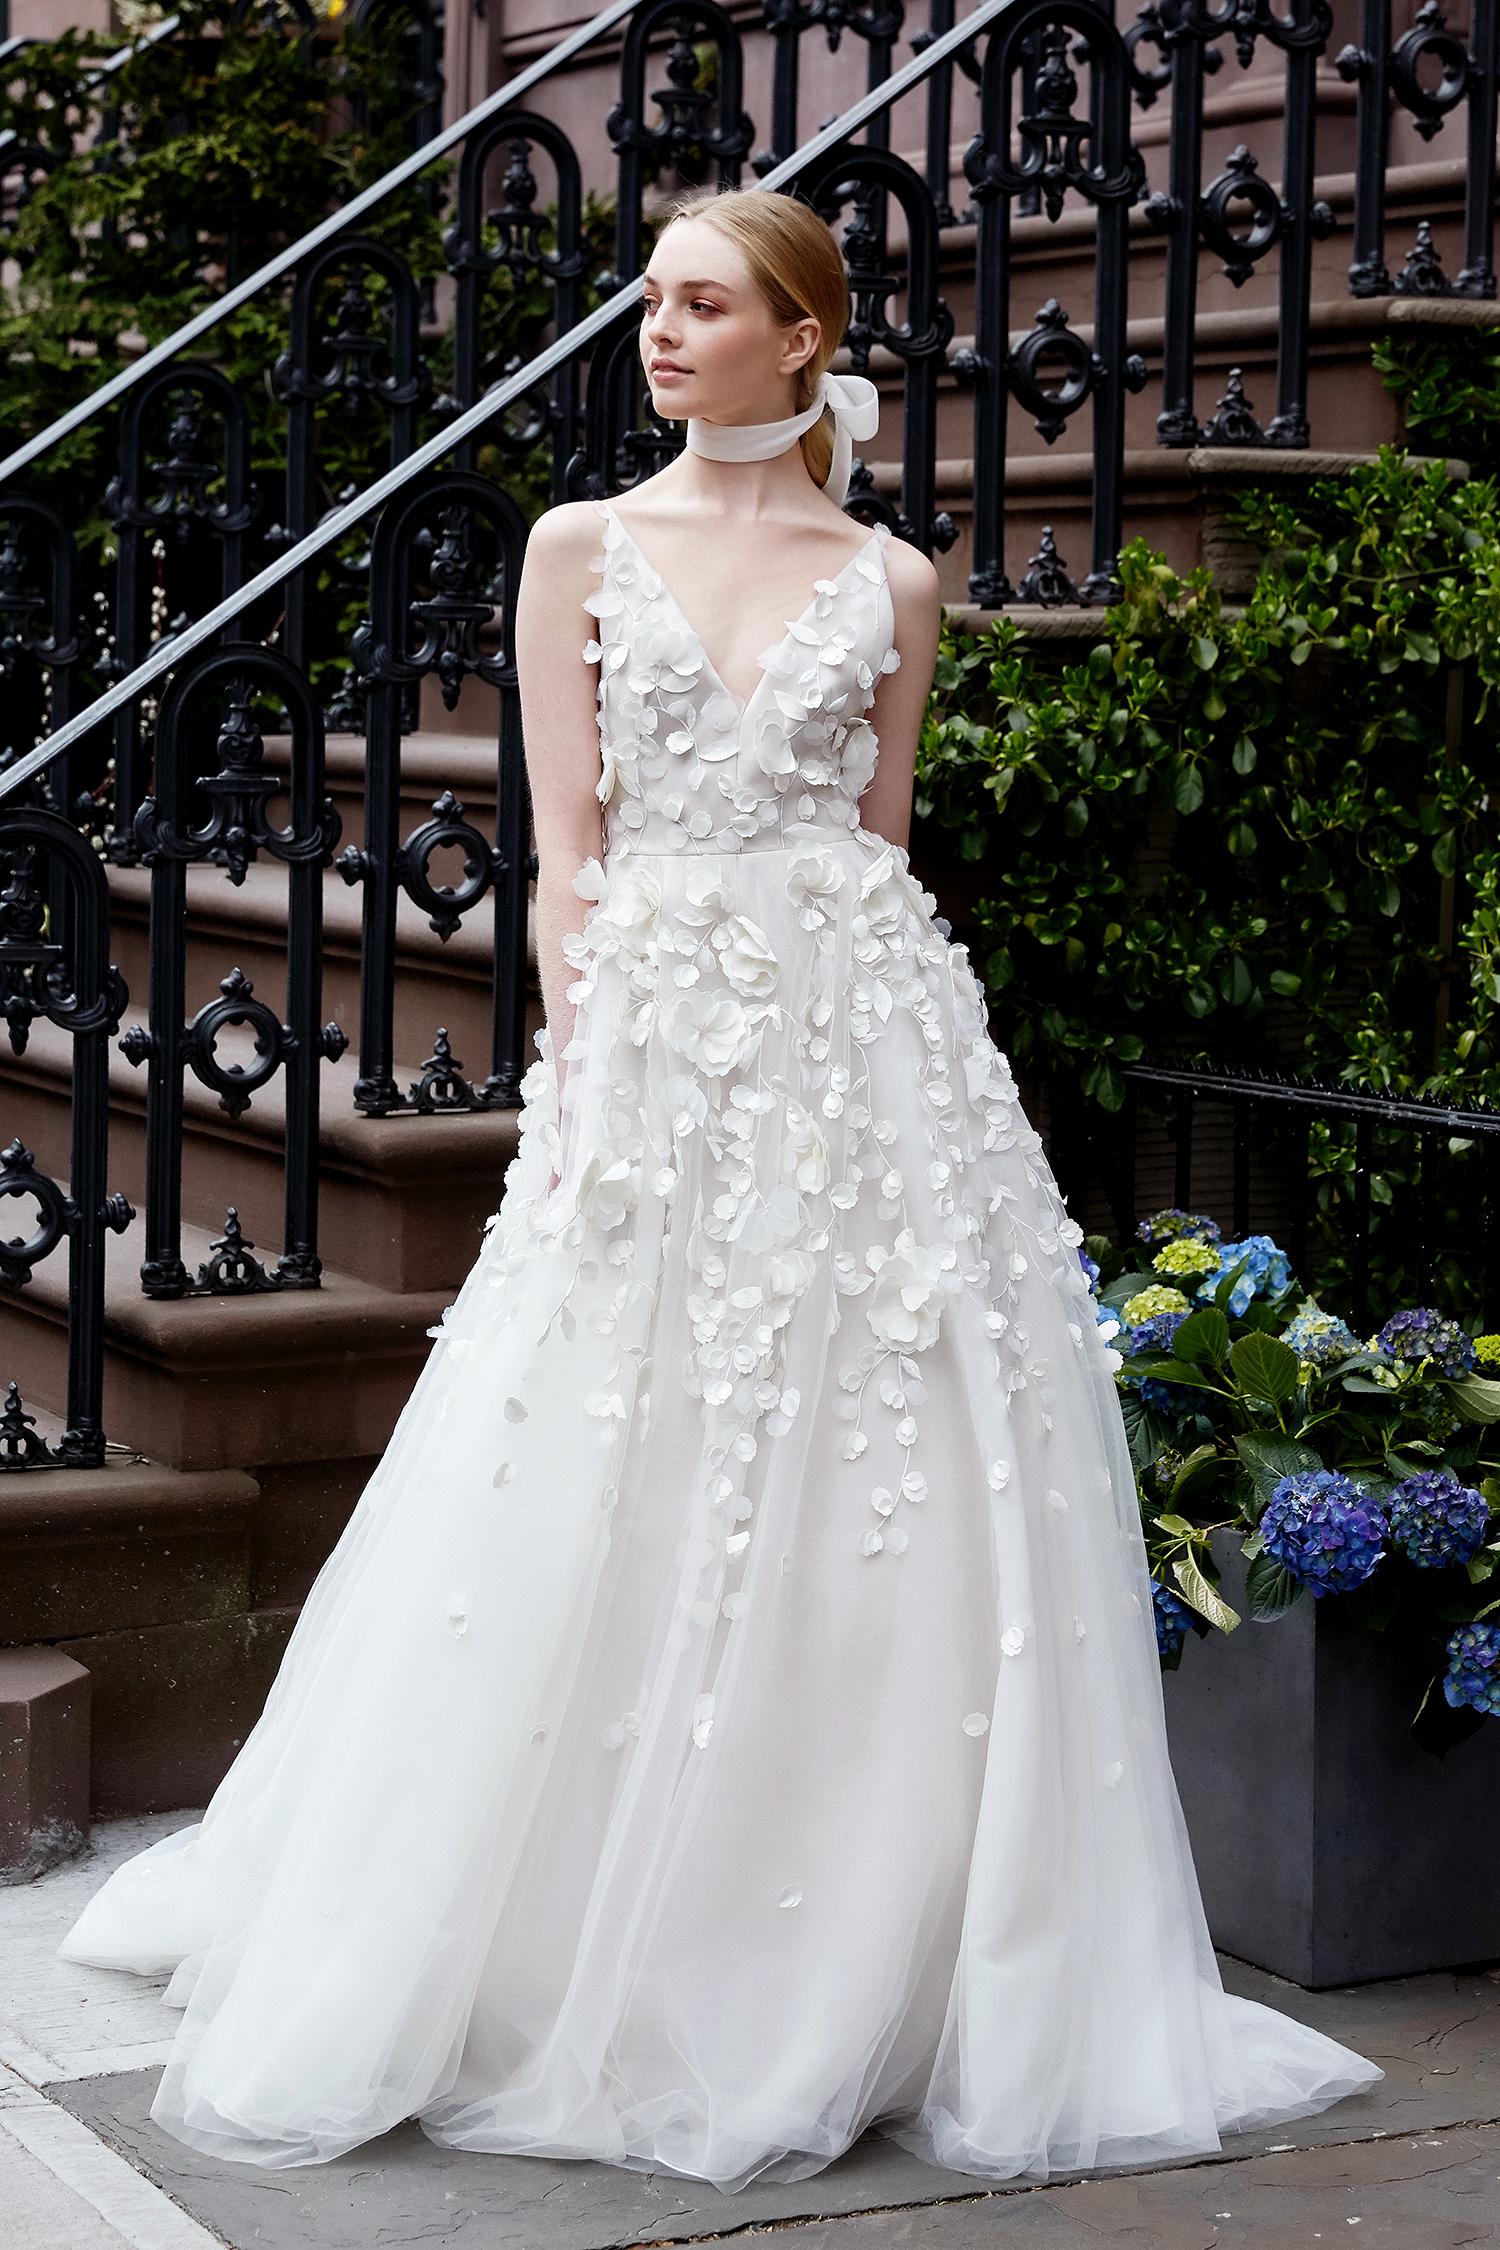 lela rose wedding dress spring 2019 v-neck tulle with applique